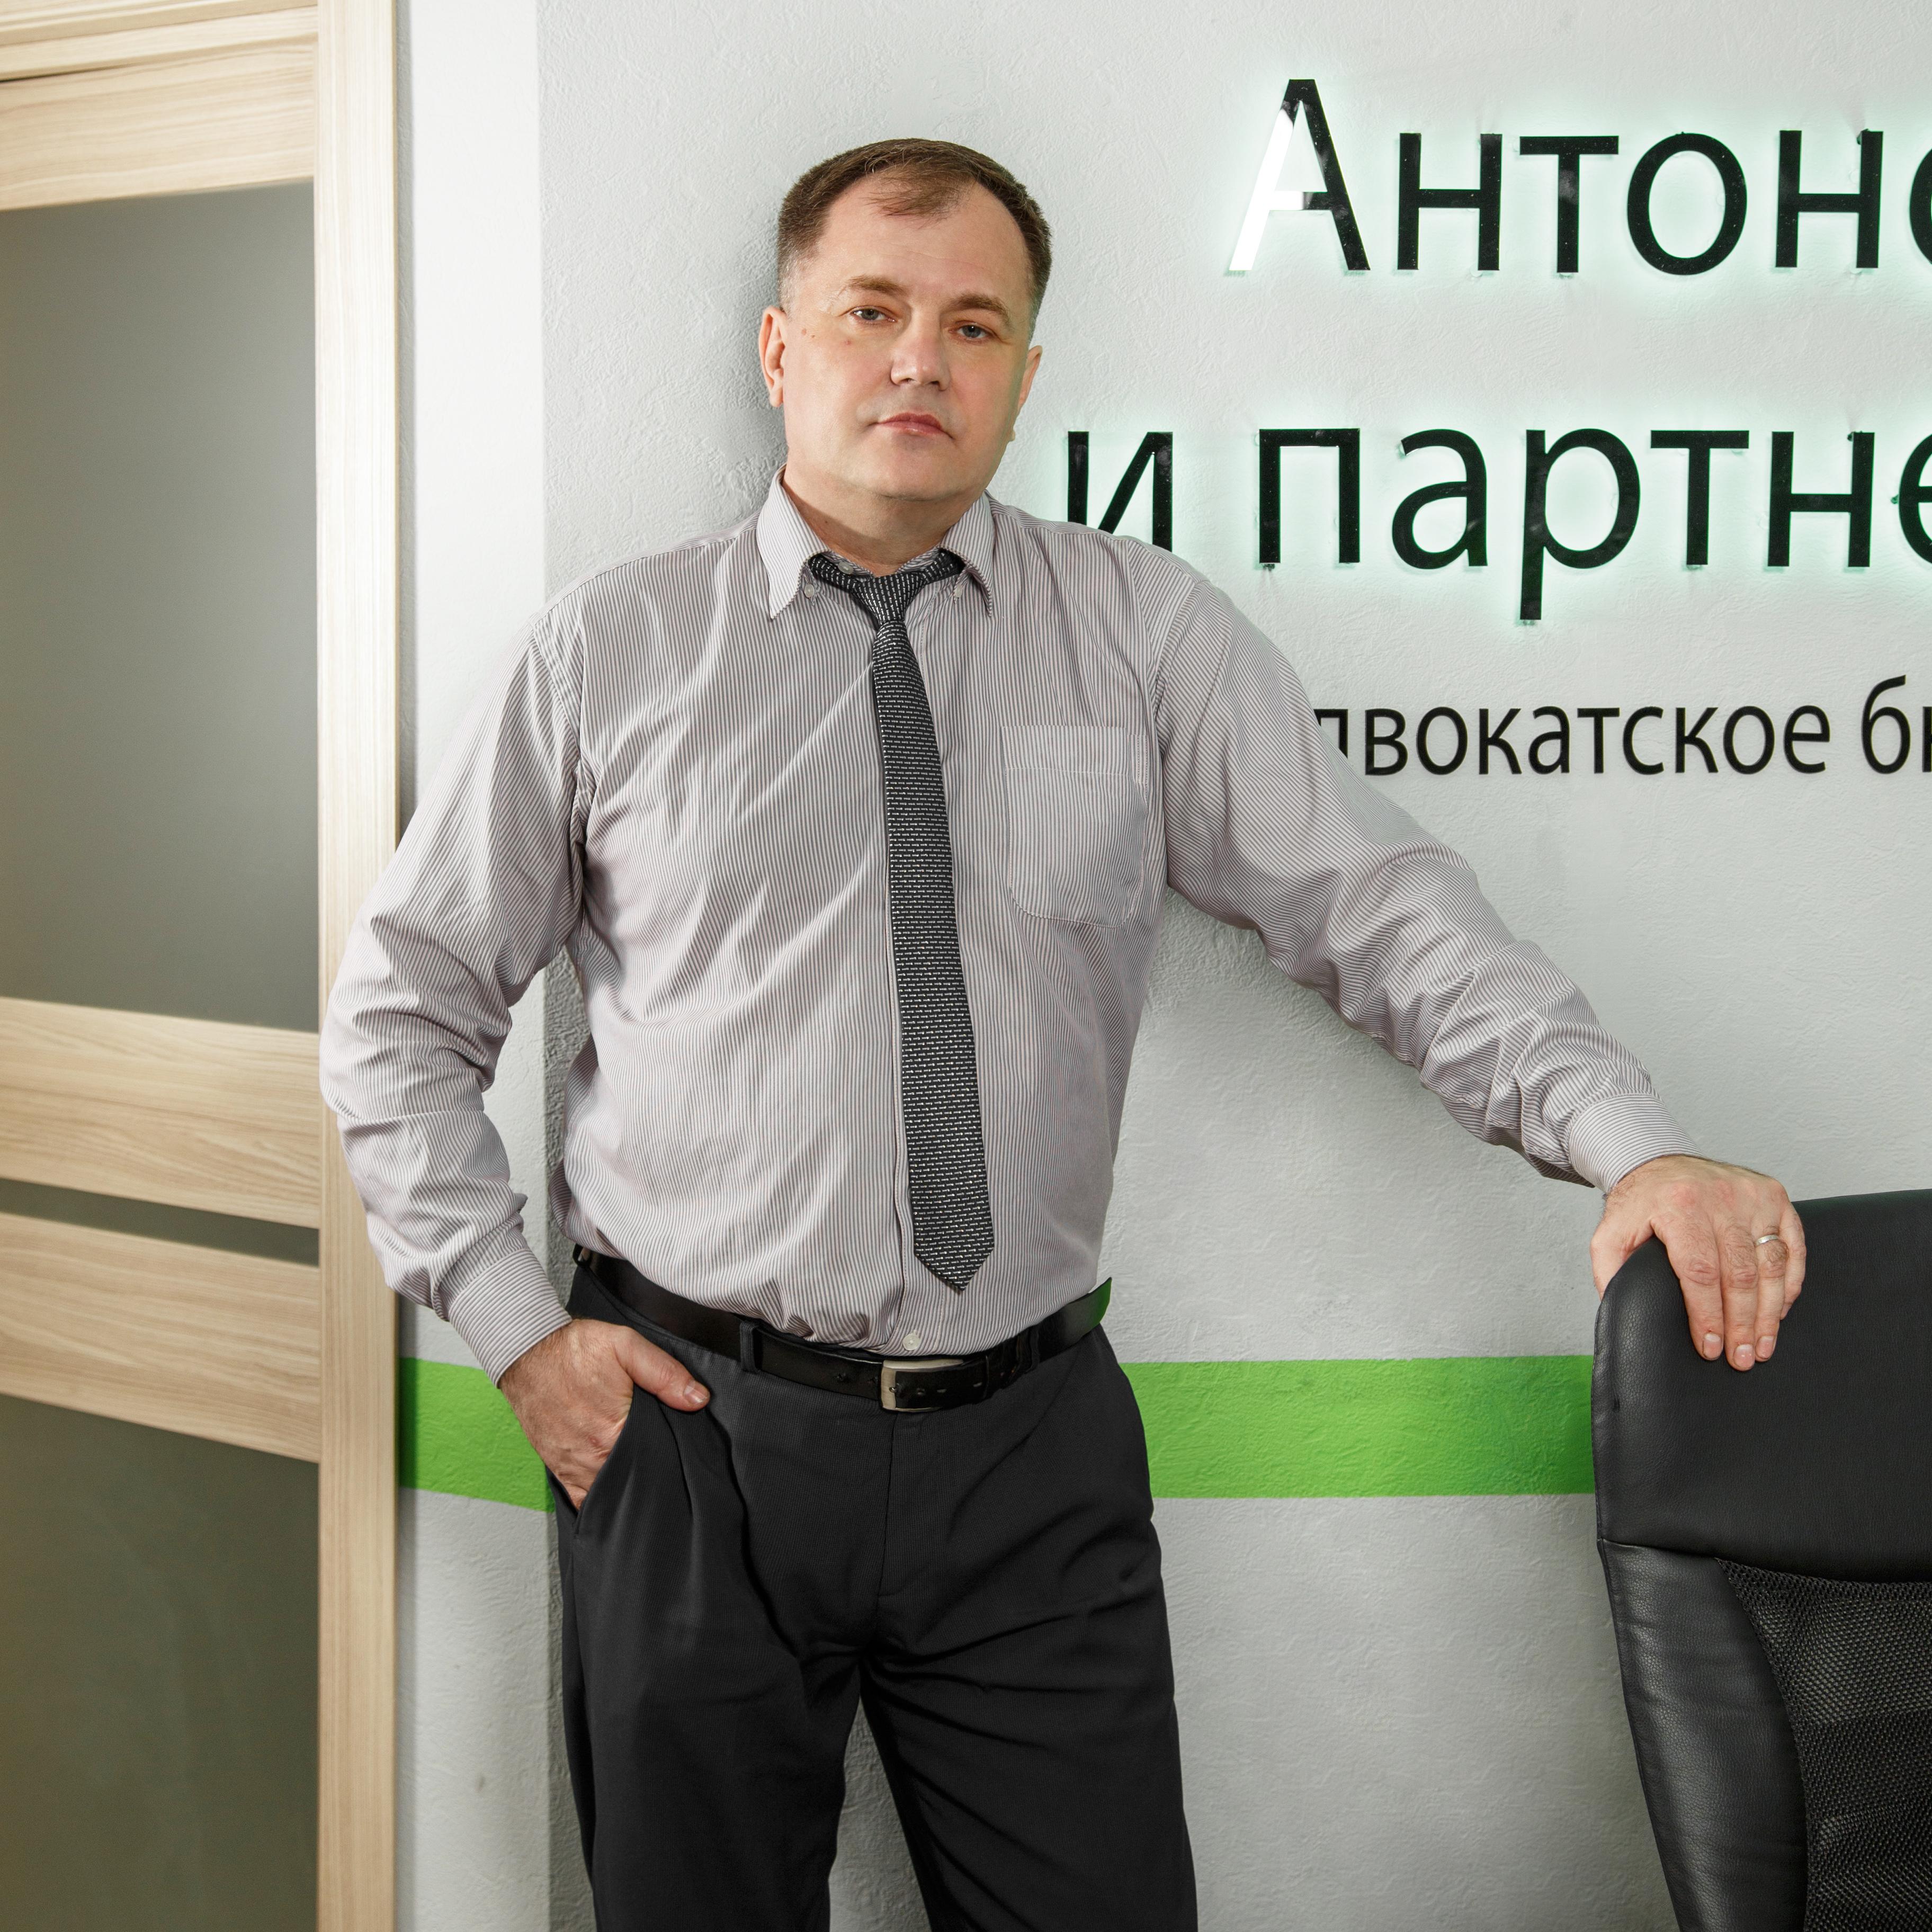 Востриков Сергей Викторович